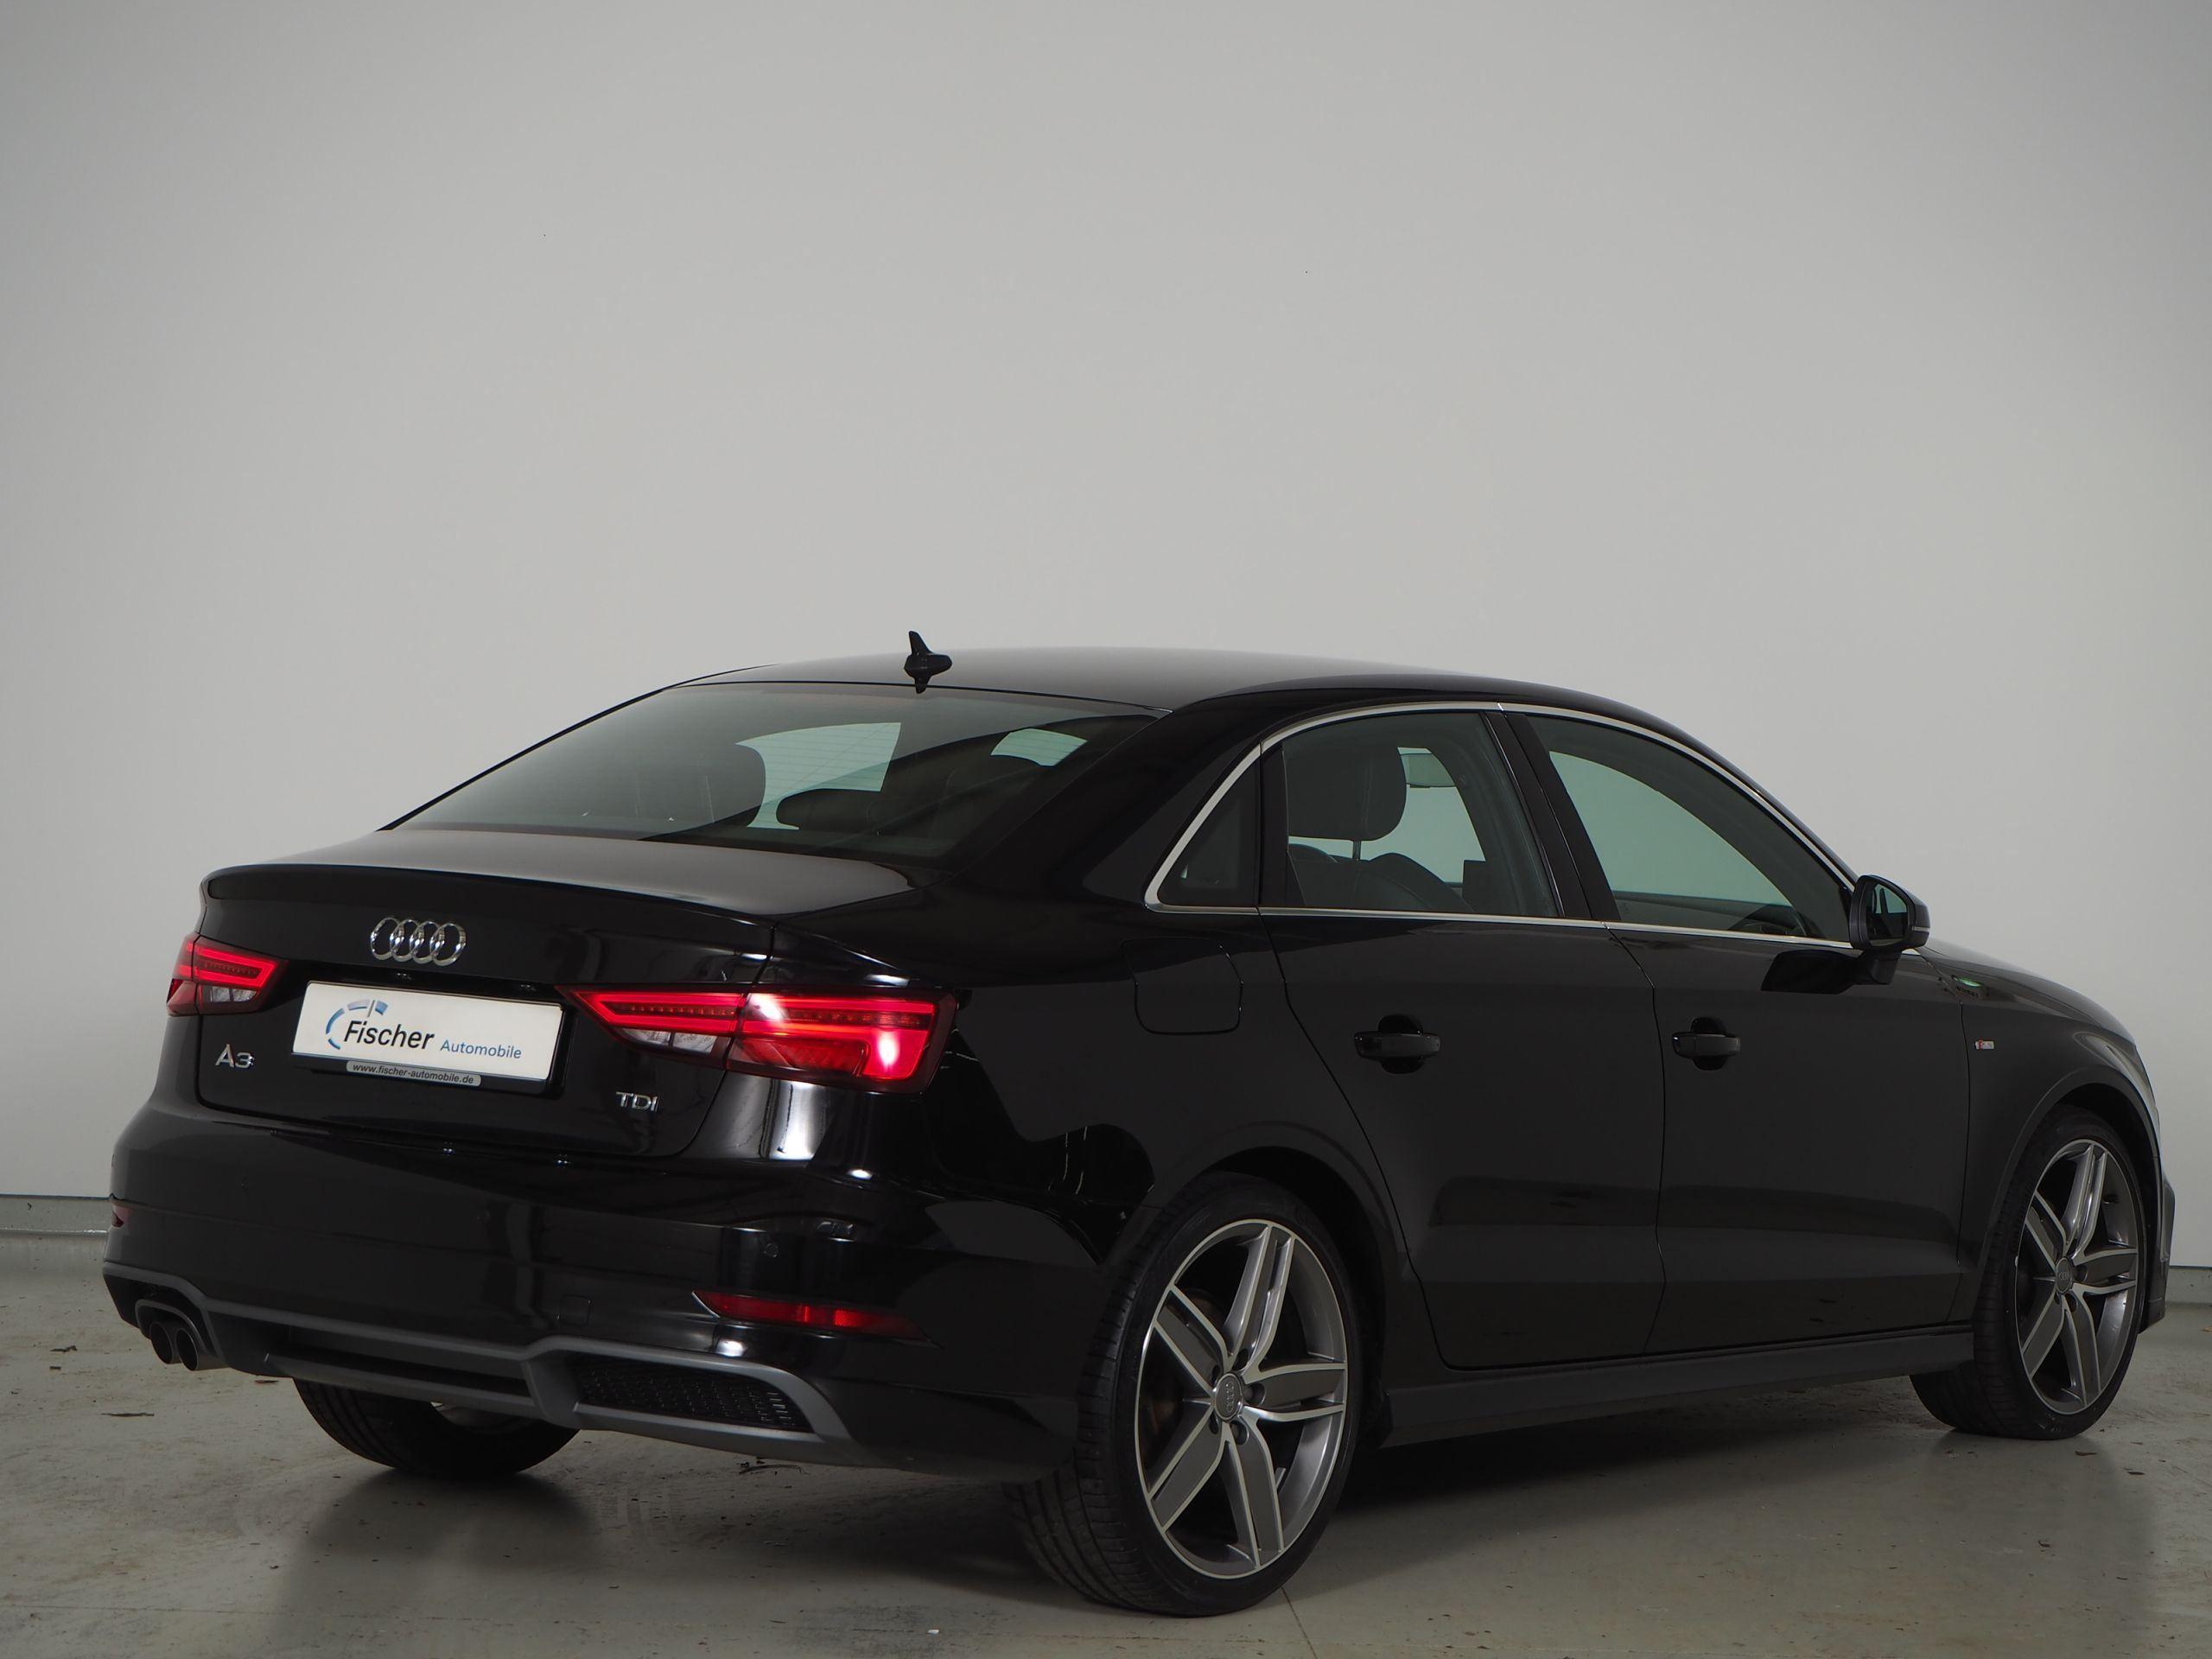 Audi A3 S Line Gebrauchtwagen